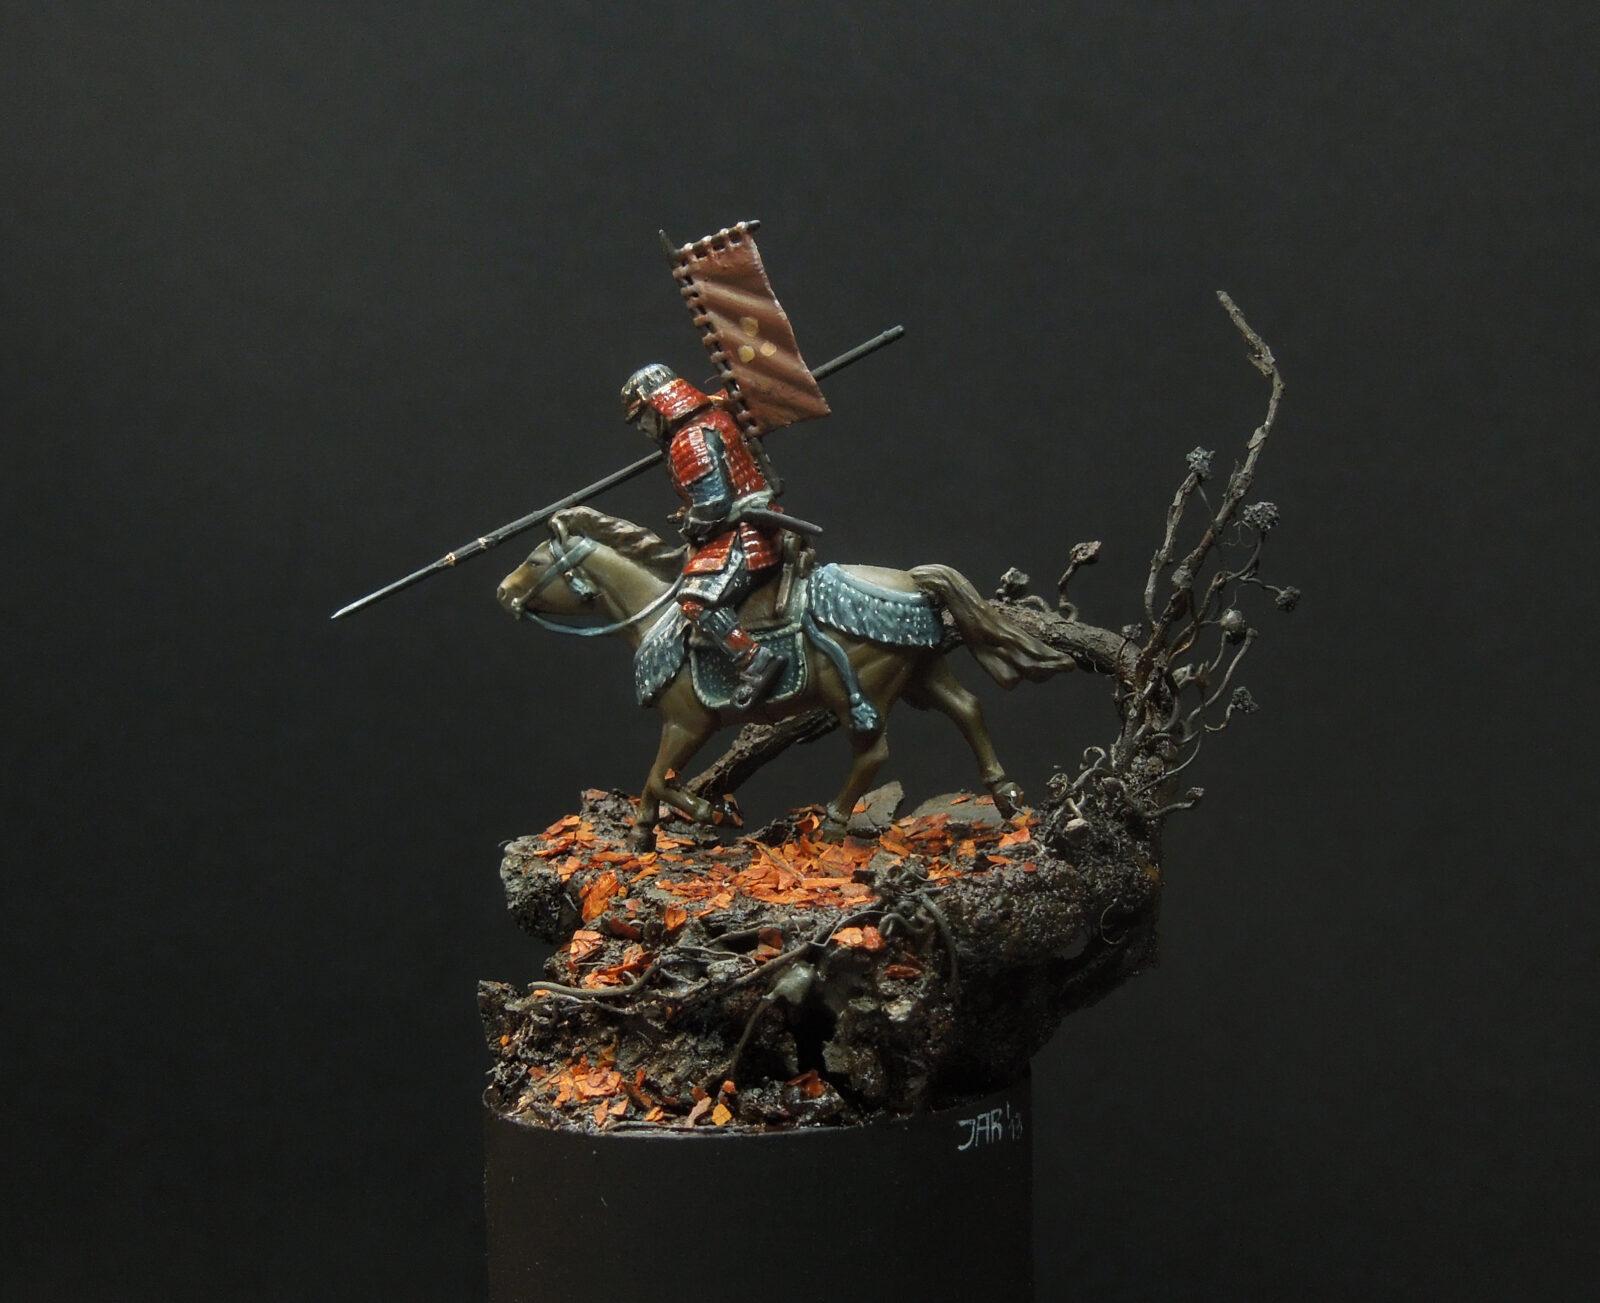 Samuraihorse07